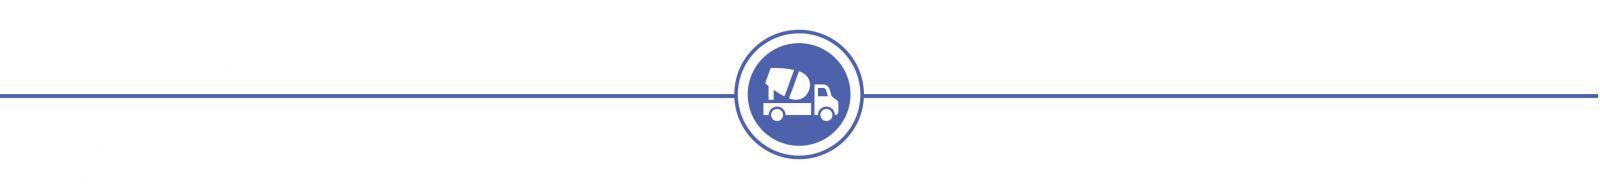 vehicle haulage